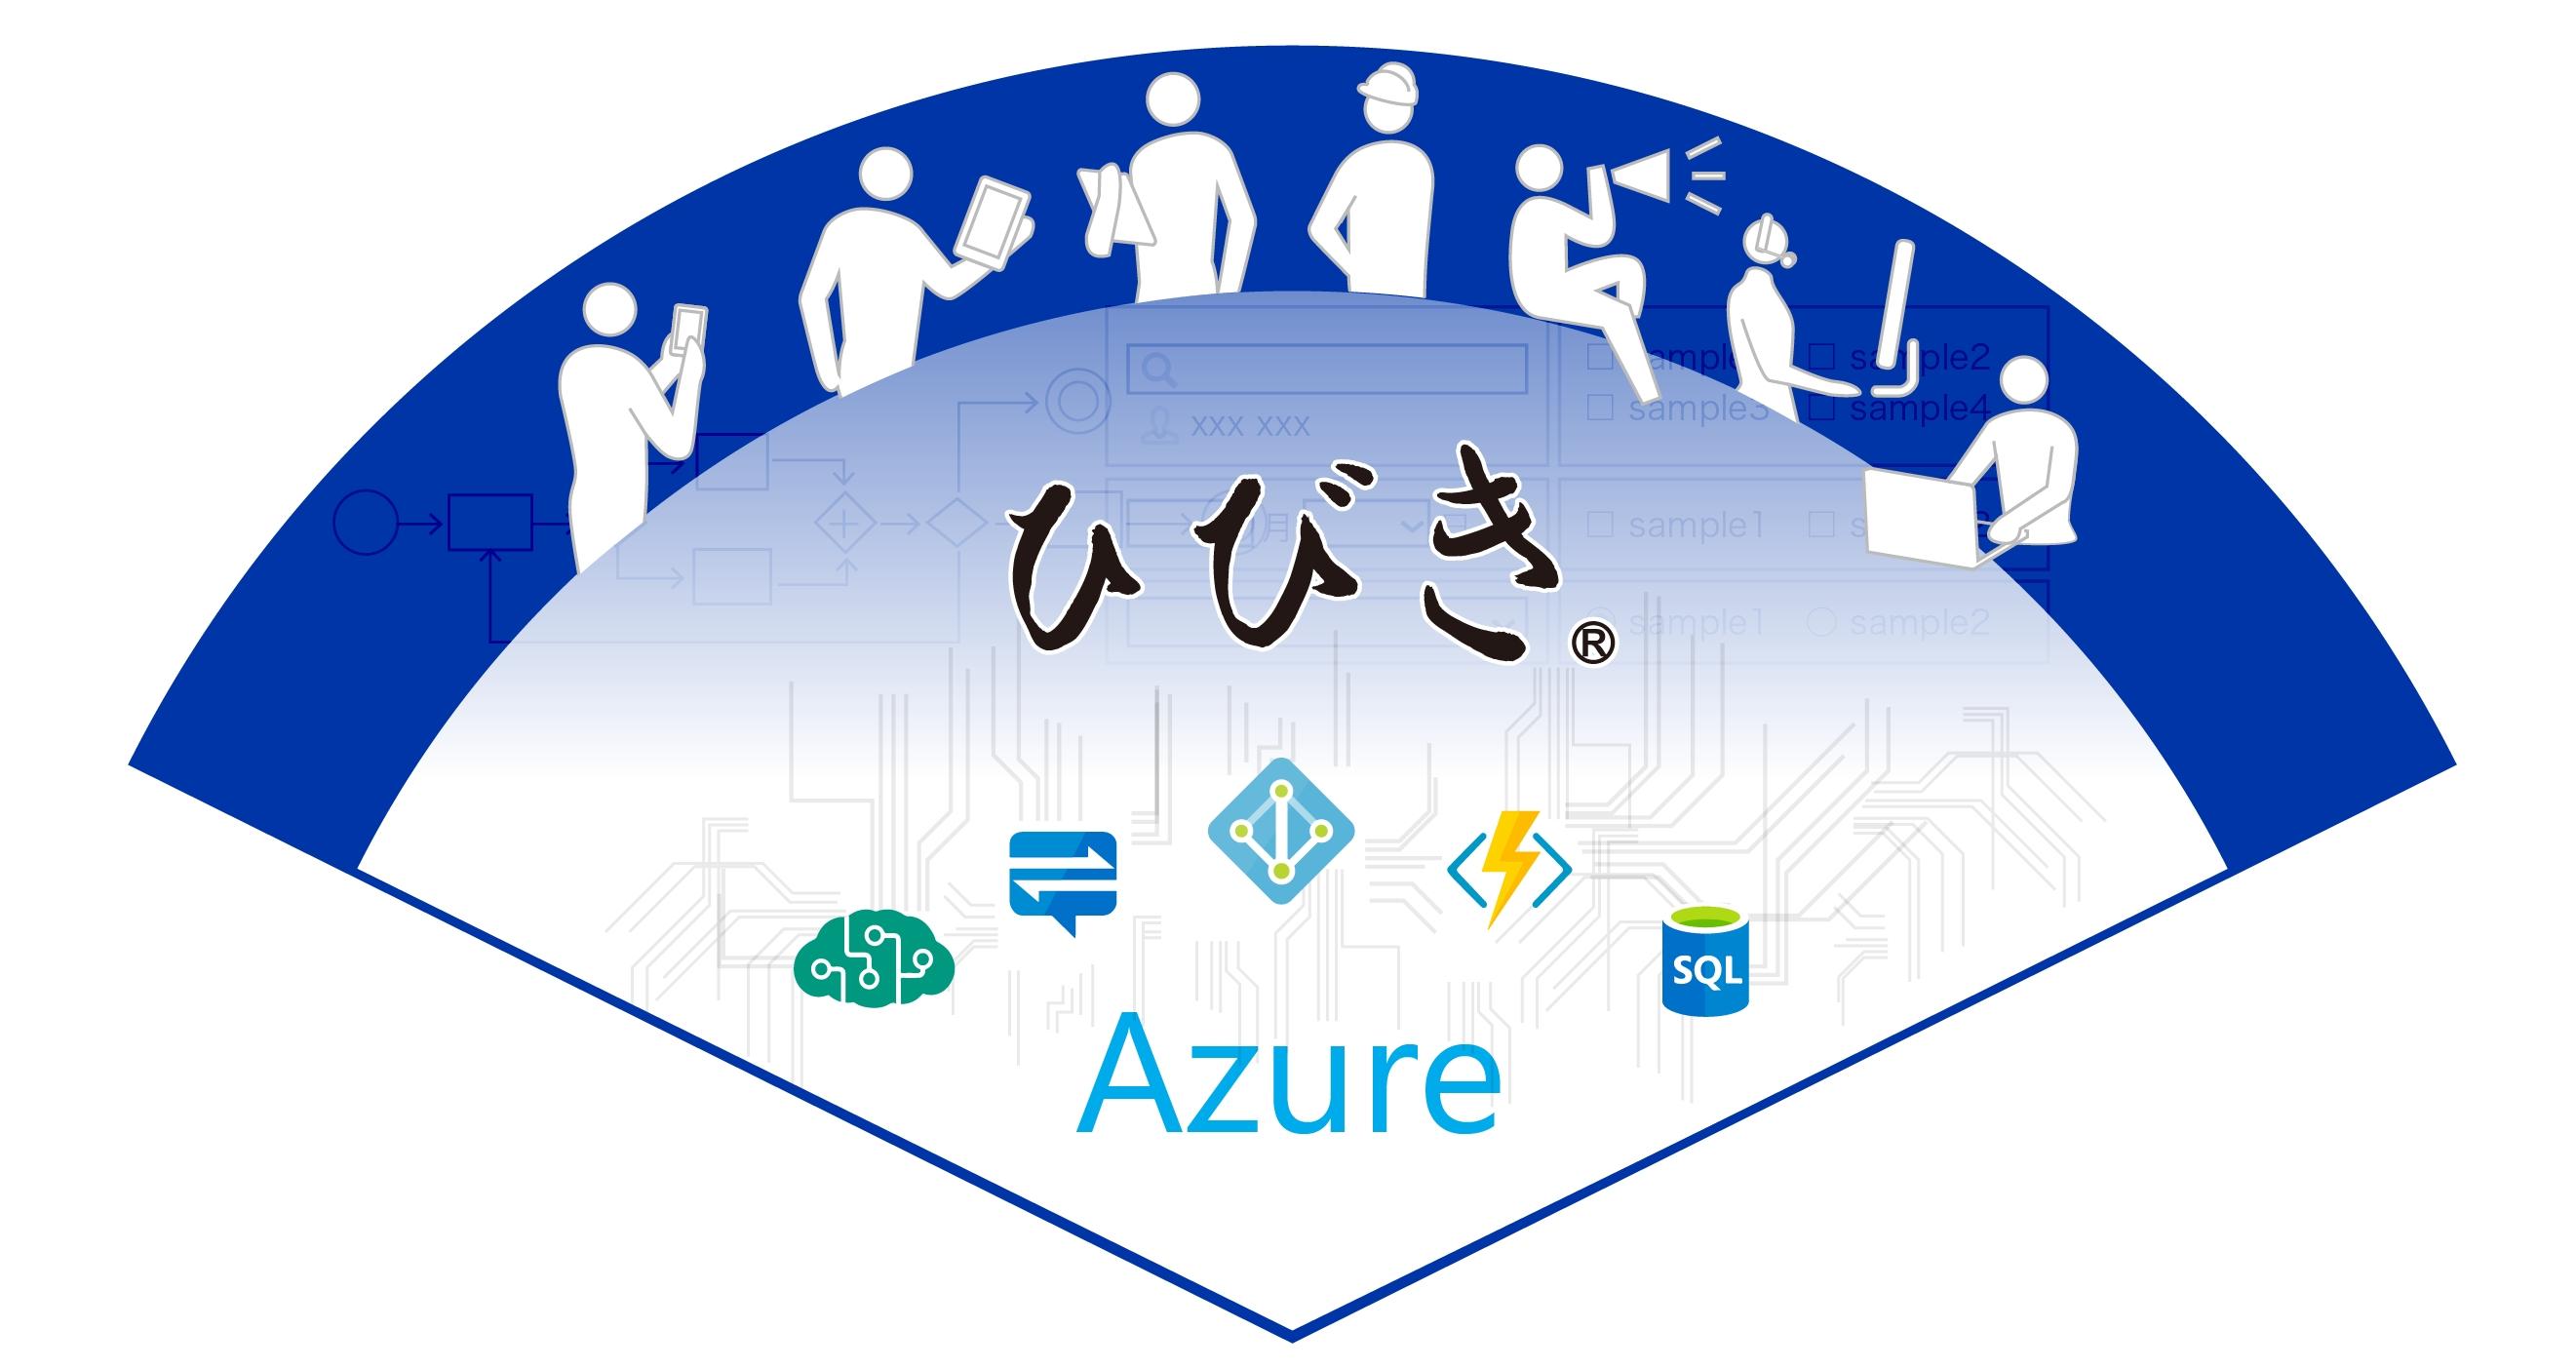 ドリーム・アーツ、製品の提供・開発基盤としてマイクロソフトのクラウドプラットフォーム「Microsoft Azure ...